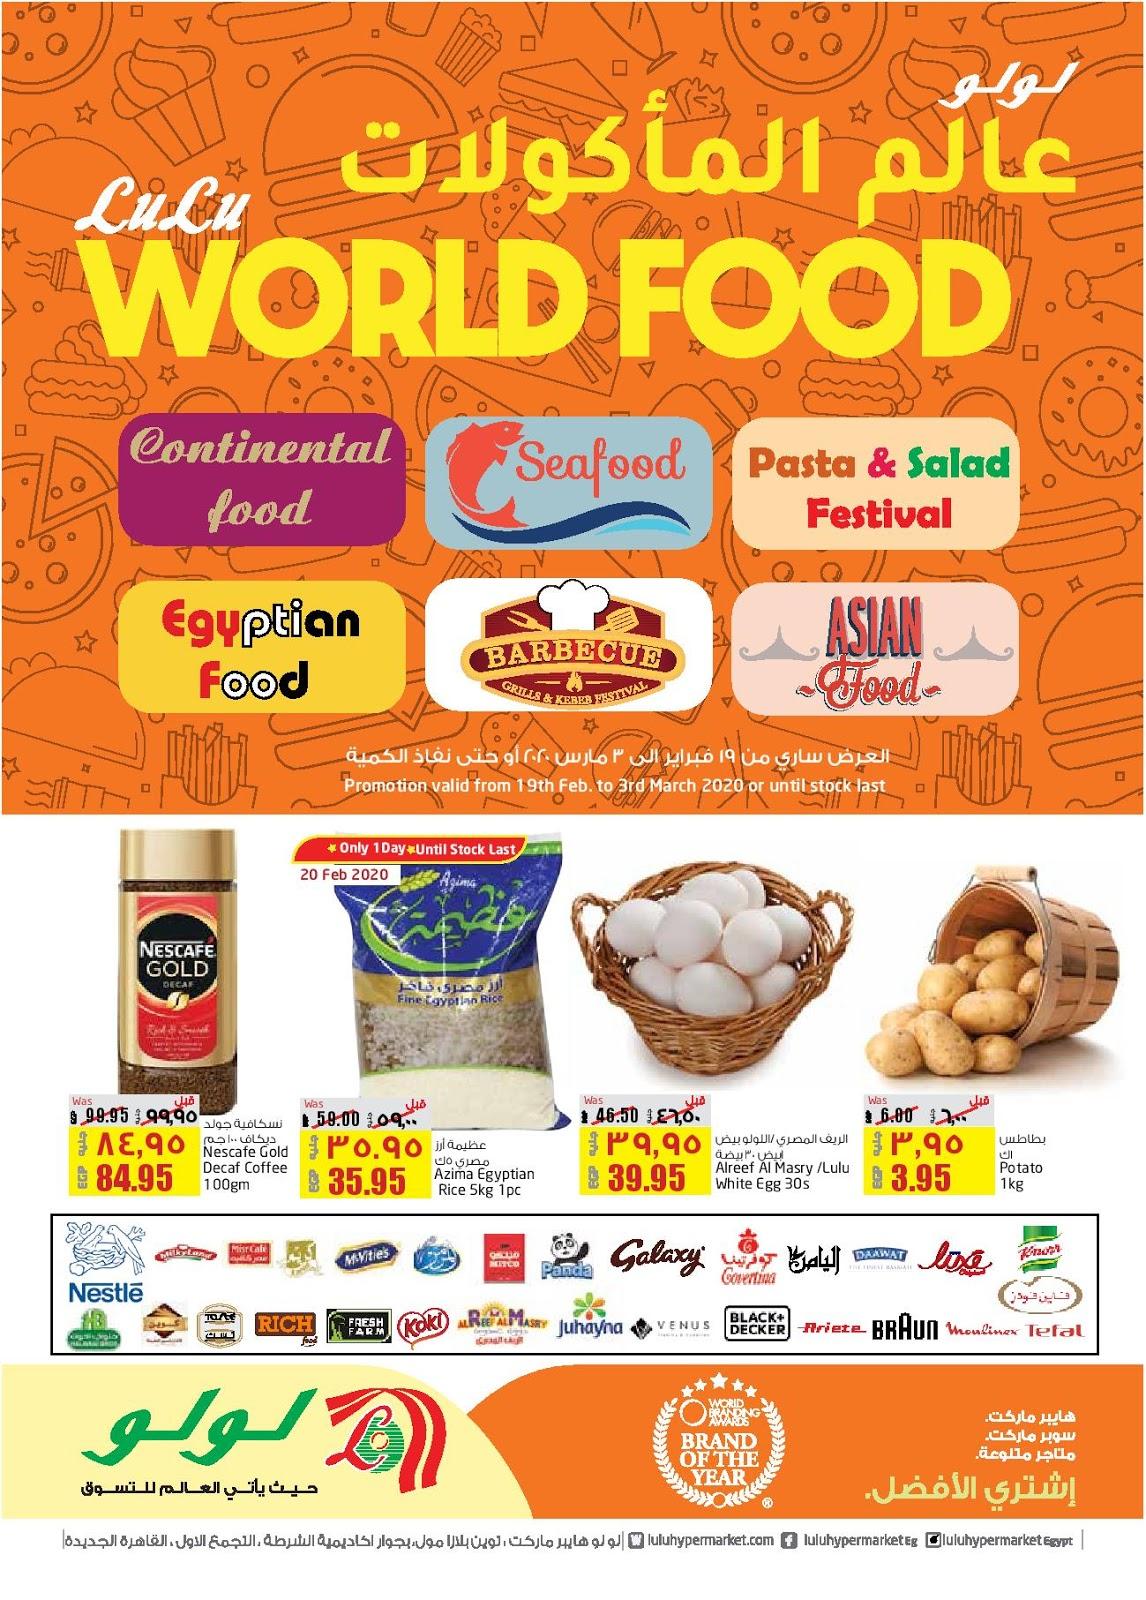 عروض لولو مصر من 19 فبراير حتى 3 مارس 2020 عالم المأكولات